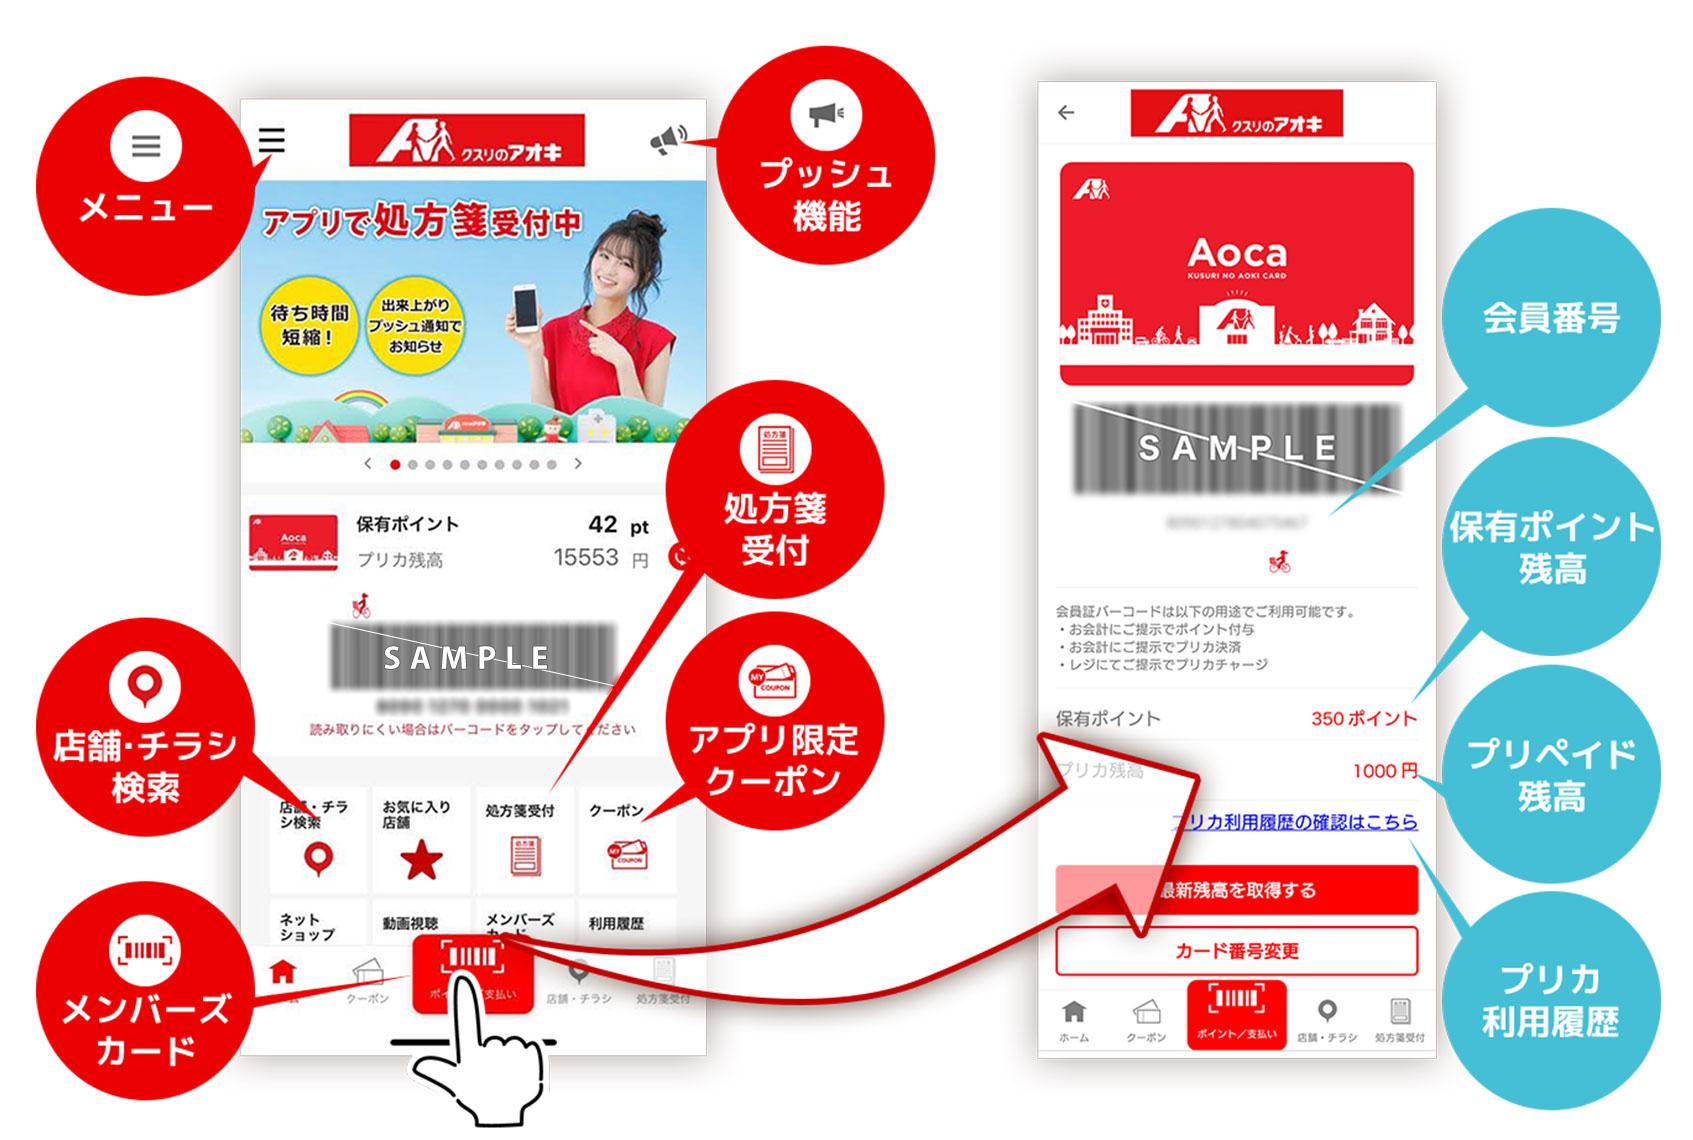 クスリのアオキ公式アプリの機能紹介 メニュー、店舗・チラシ検索、アプリ限定クーポン、処方箋受付、メンバーズカード、プッシュ機能、その他諸々